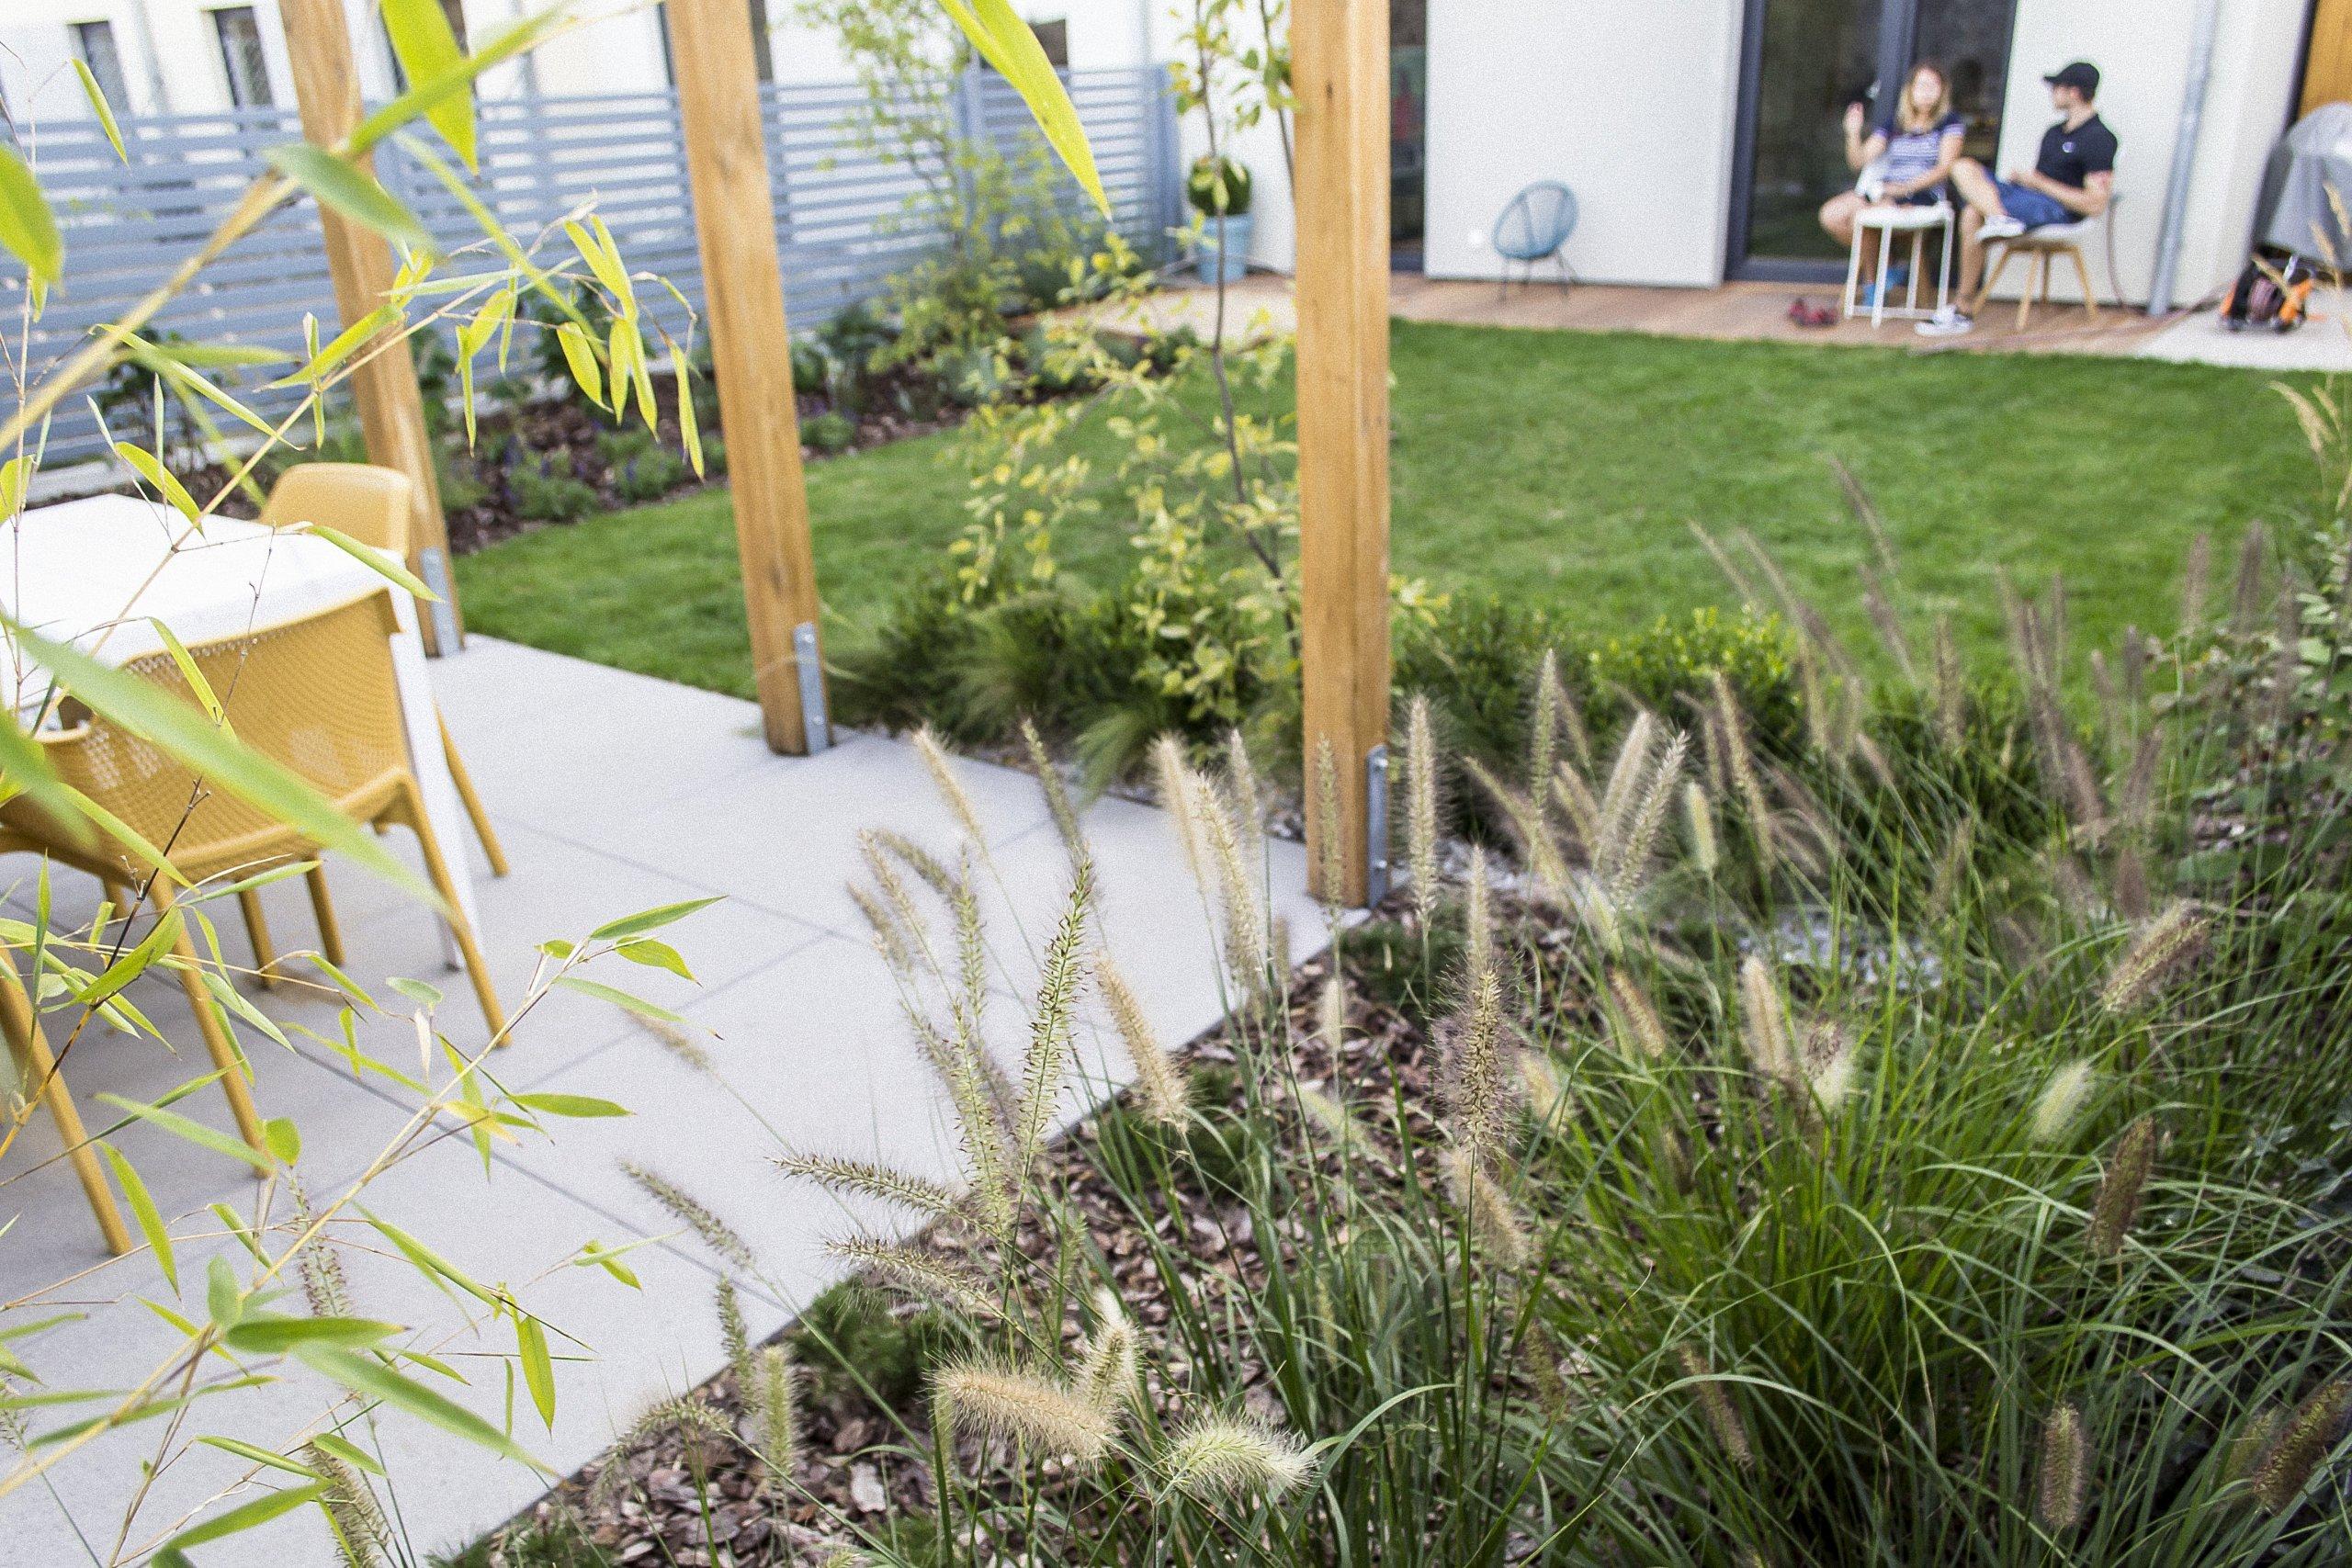 Koncept zahrady vycházel ze seznamu očekávání investorů, který byl sepsán na prvním setkání s klienty. Některé pokyny byly také uvedeny v bodě 1.2 této studie.…